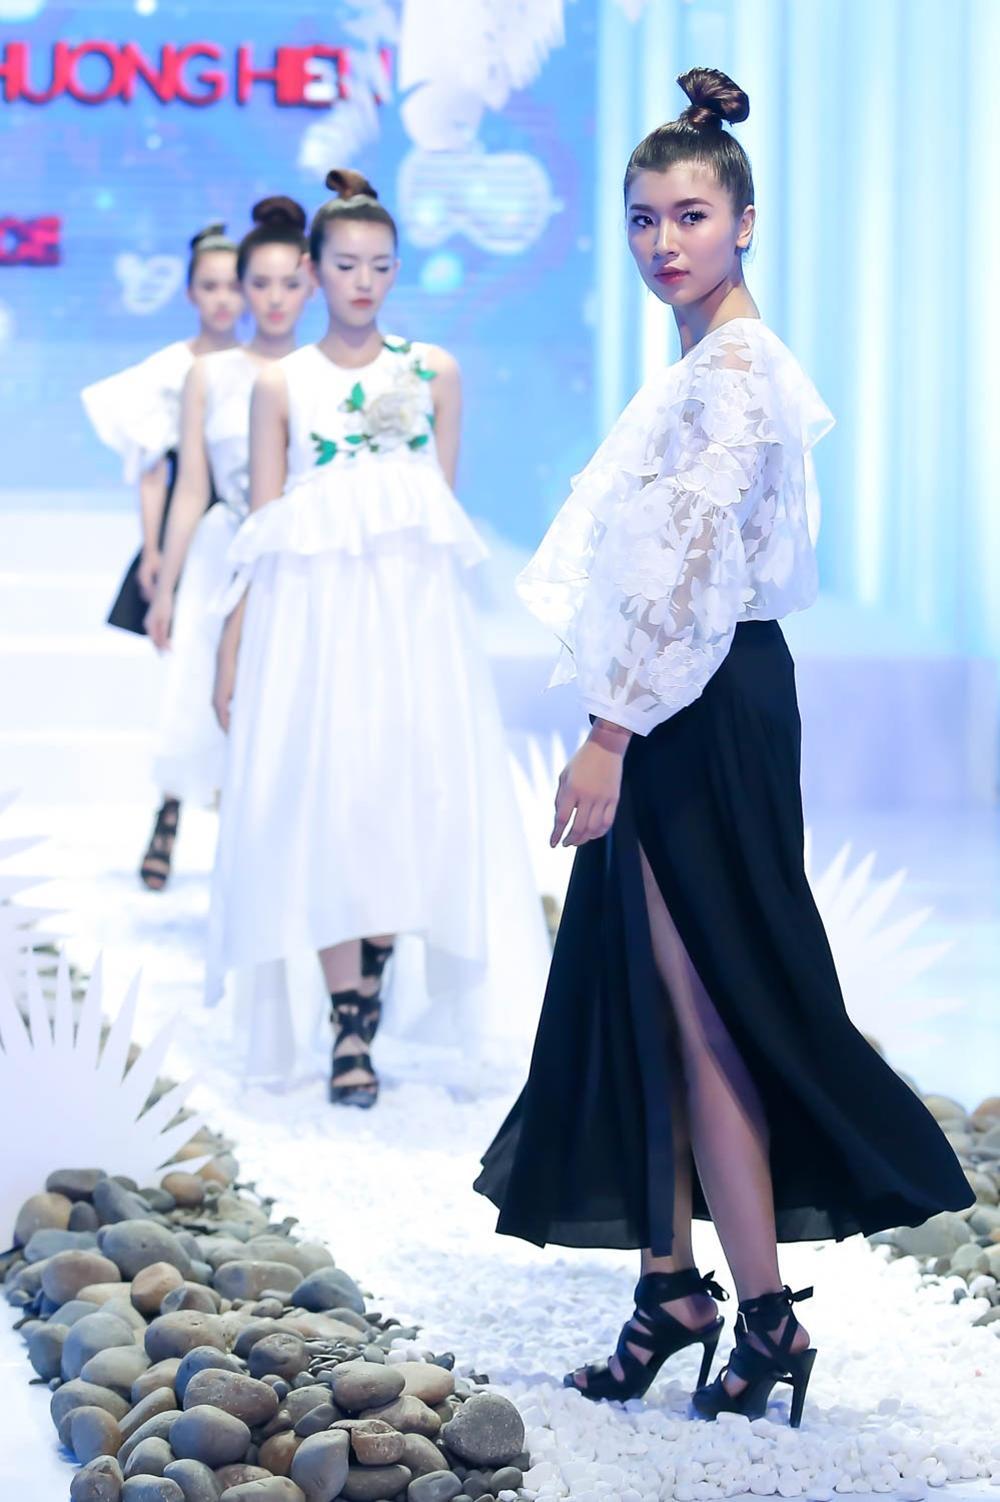 Clip cover 'Là con gái phải xinh' của Đồng Ánh Quỳnh hot hơn cả MV top 10 'The Face' -6